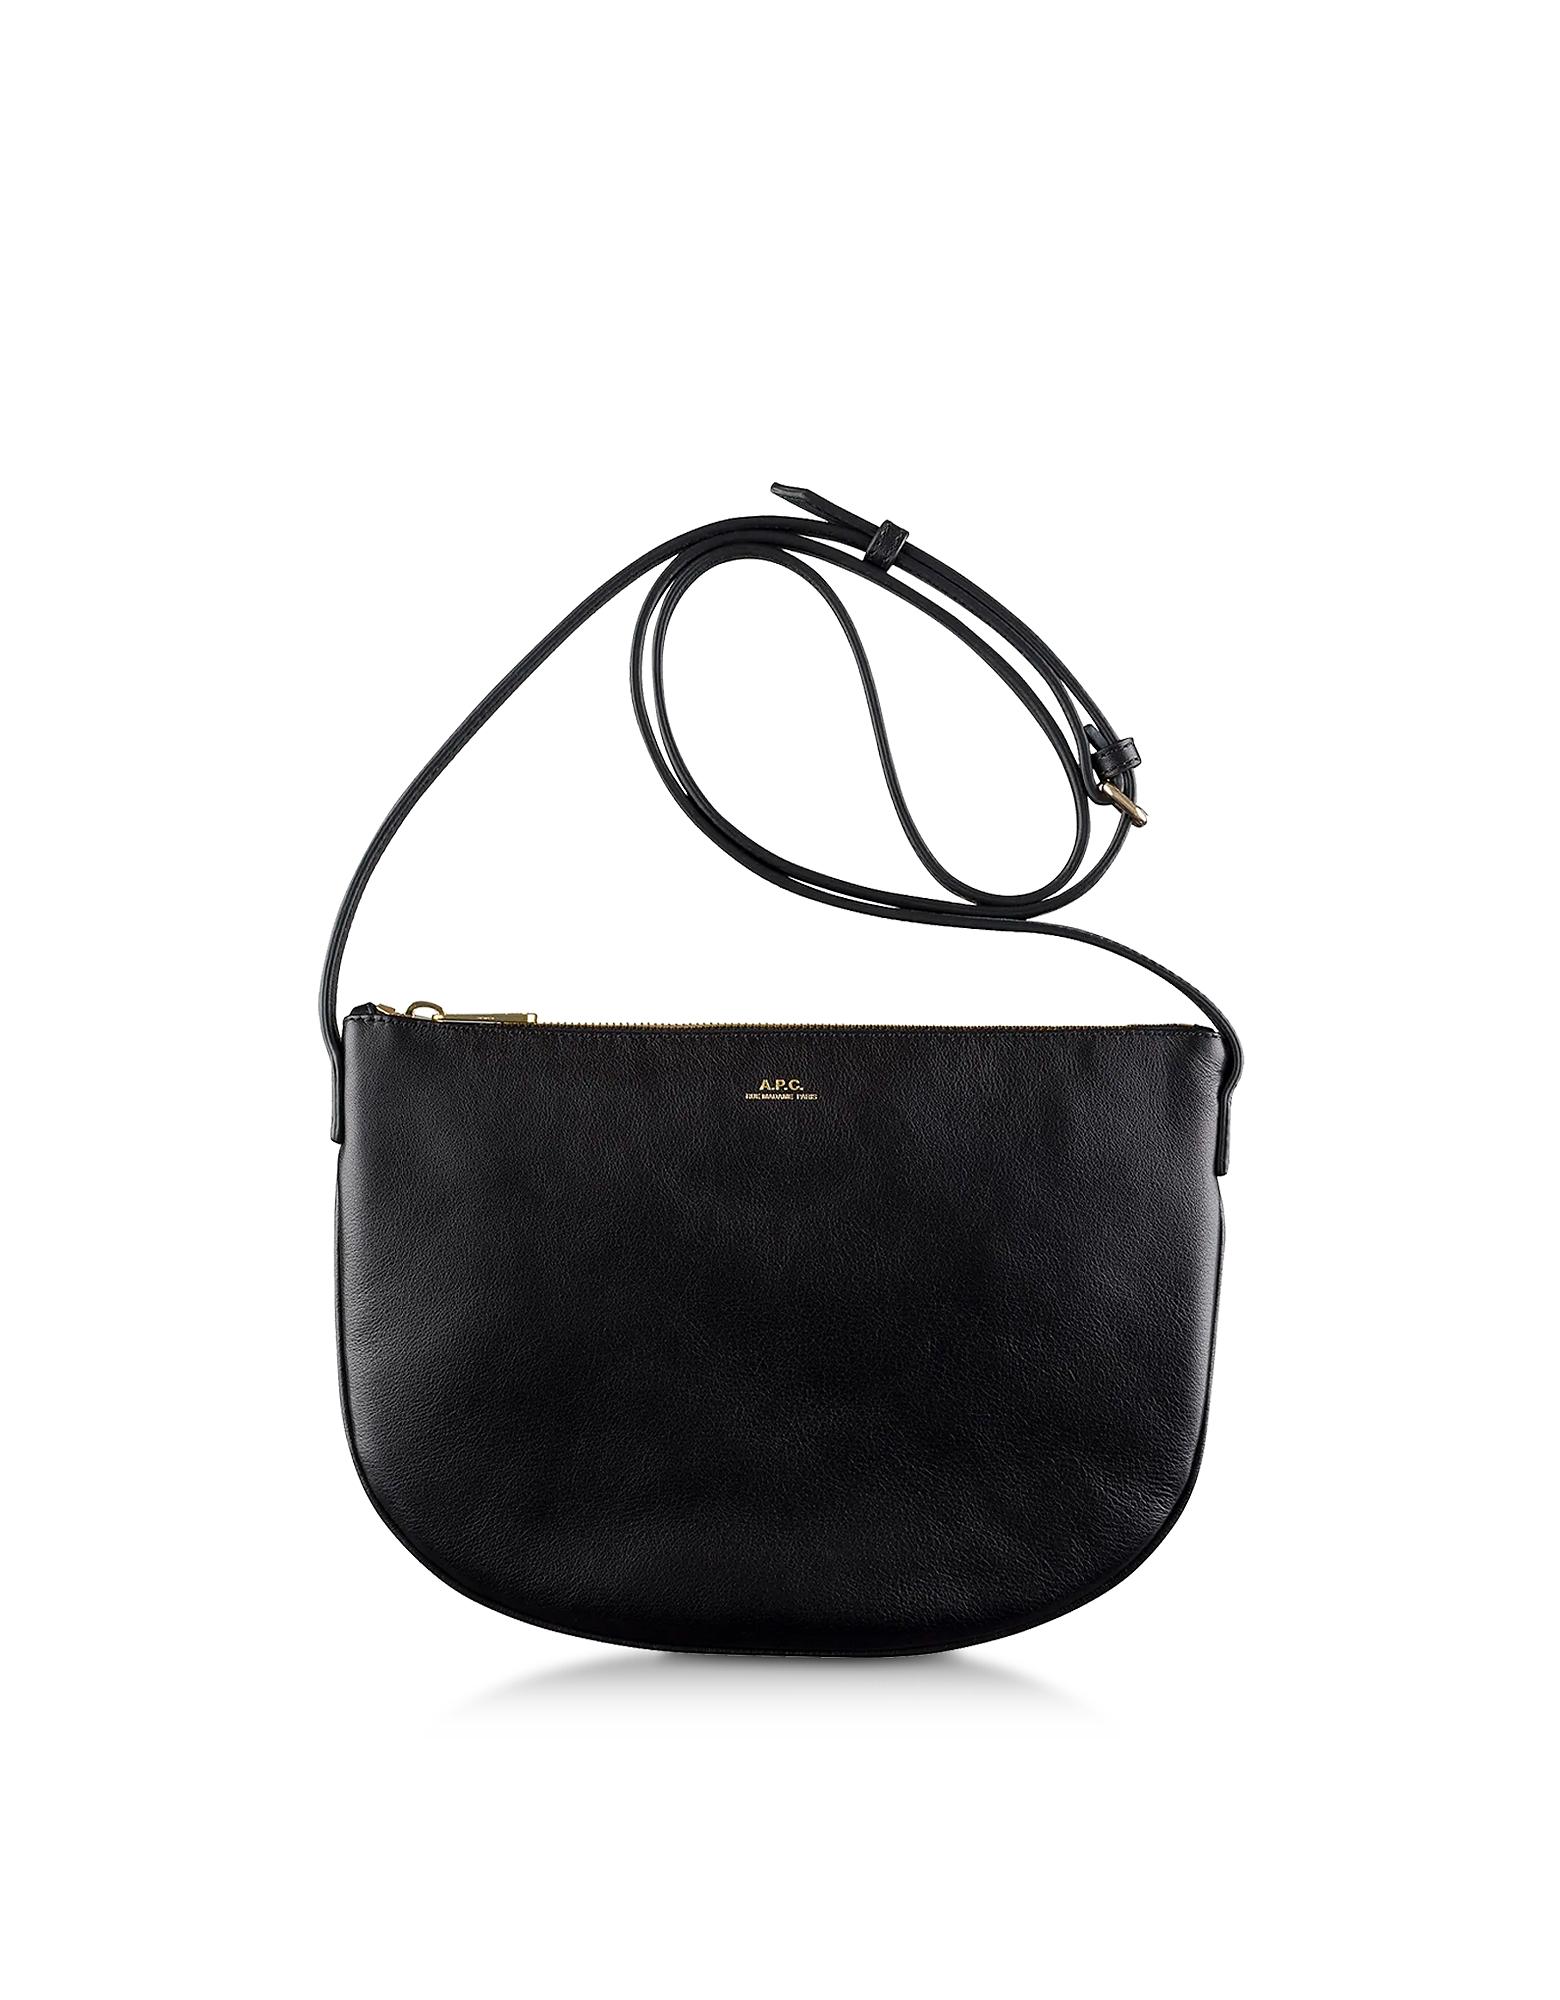 A.P.C. Designer Handbags, Maelys Leather Shoulder Bag